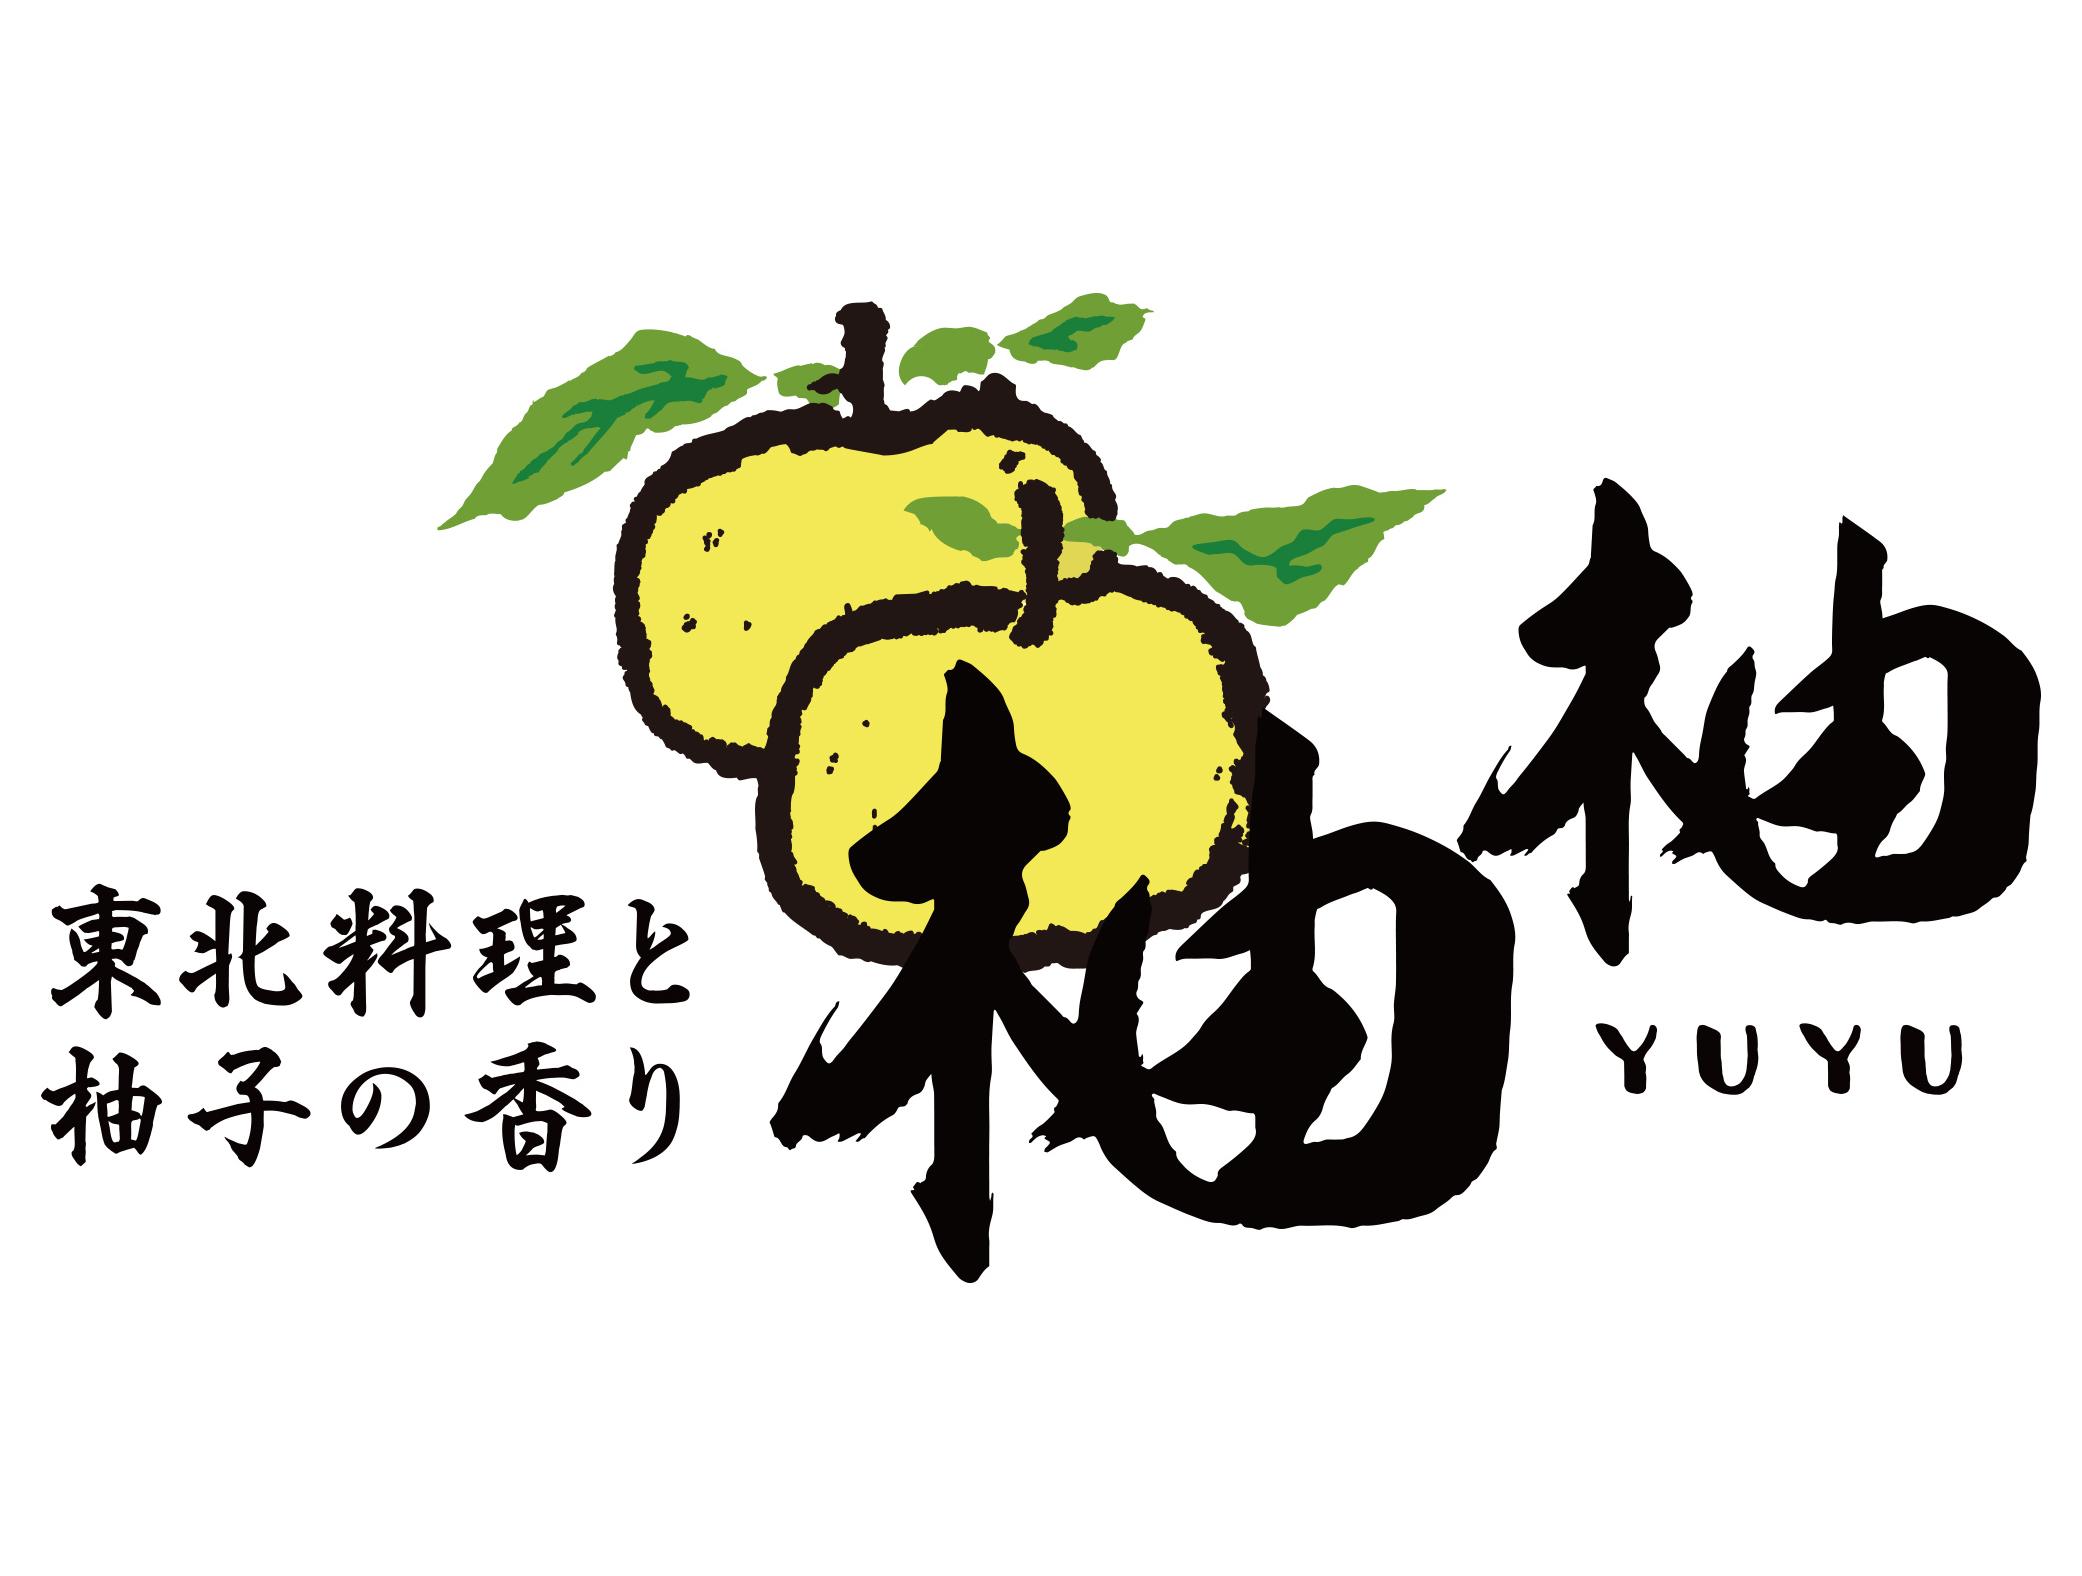 柚柚-yuyu- 函館五稜郭店